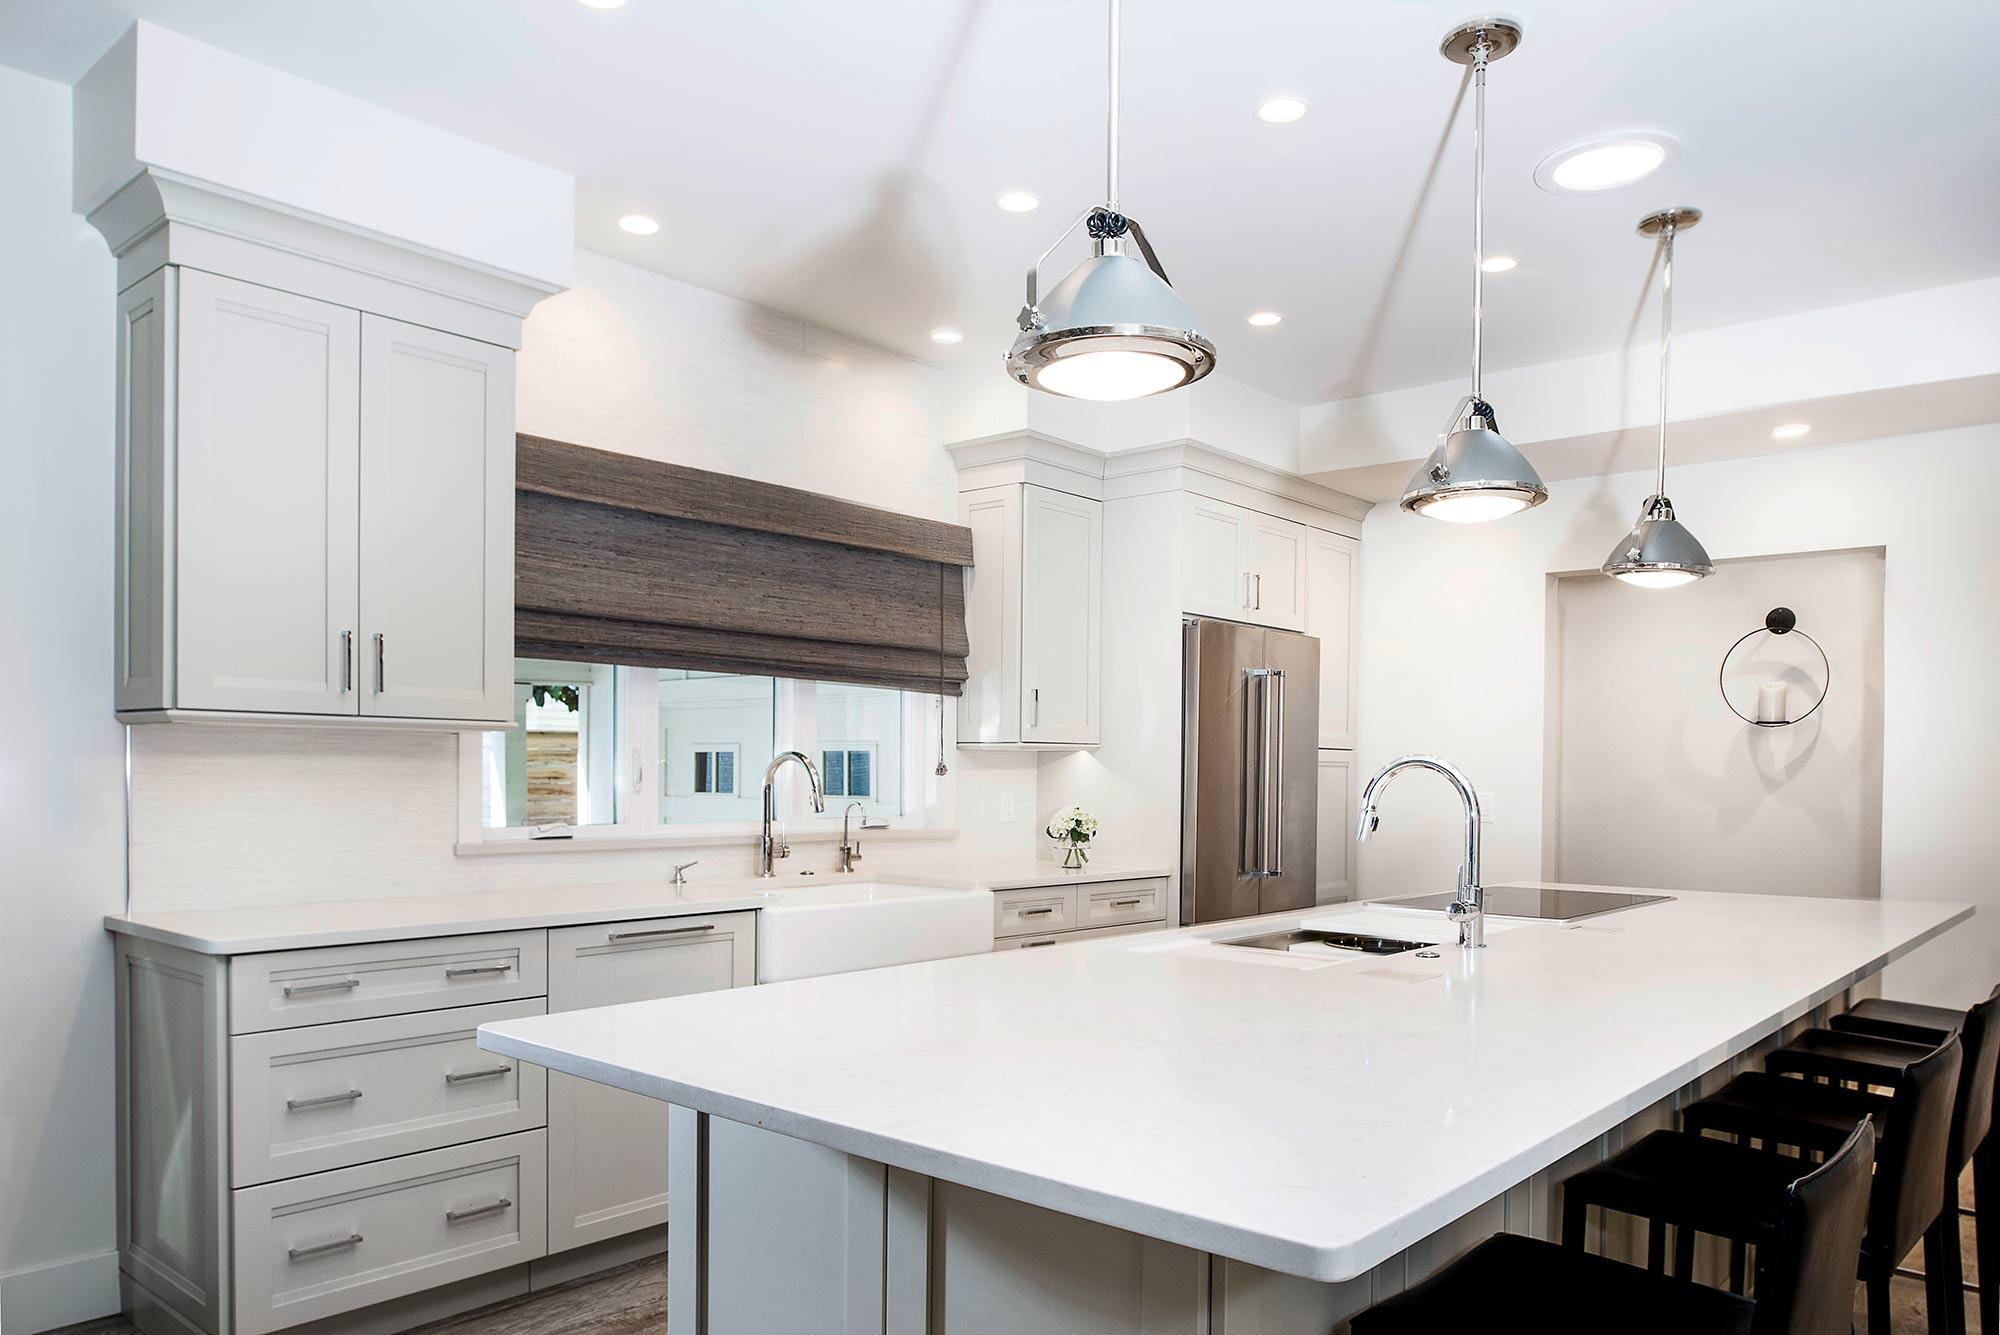 KP Design, Denver Kitchen Designer, Cabinetry | Denver, Colorado